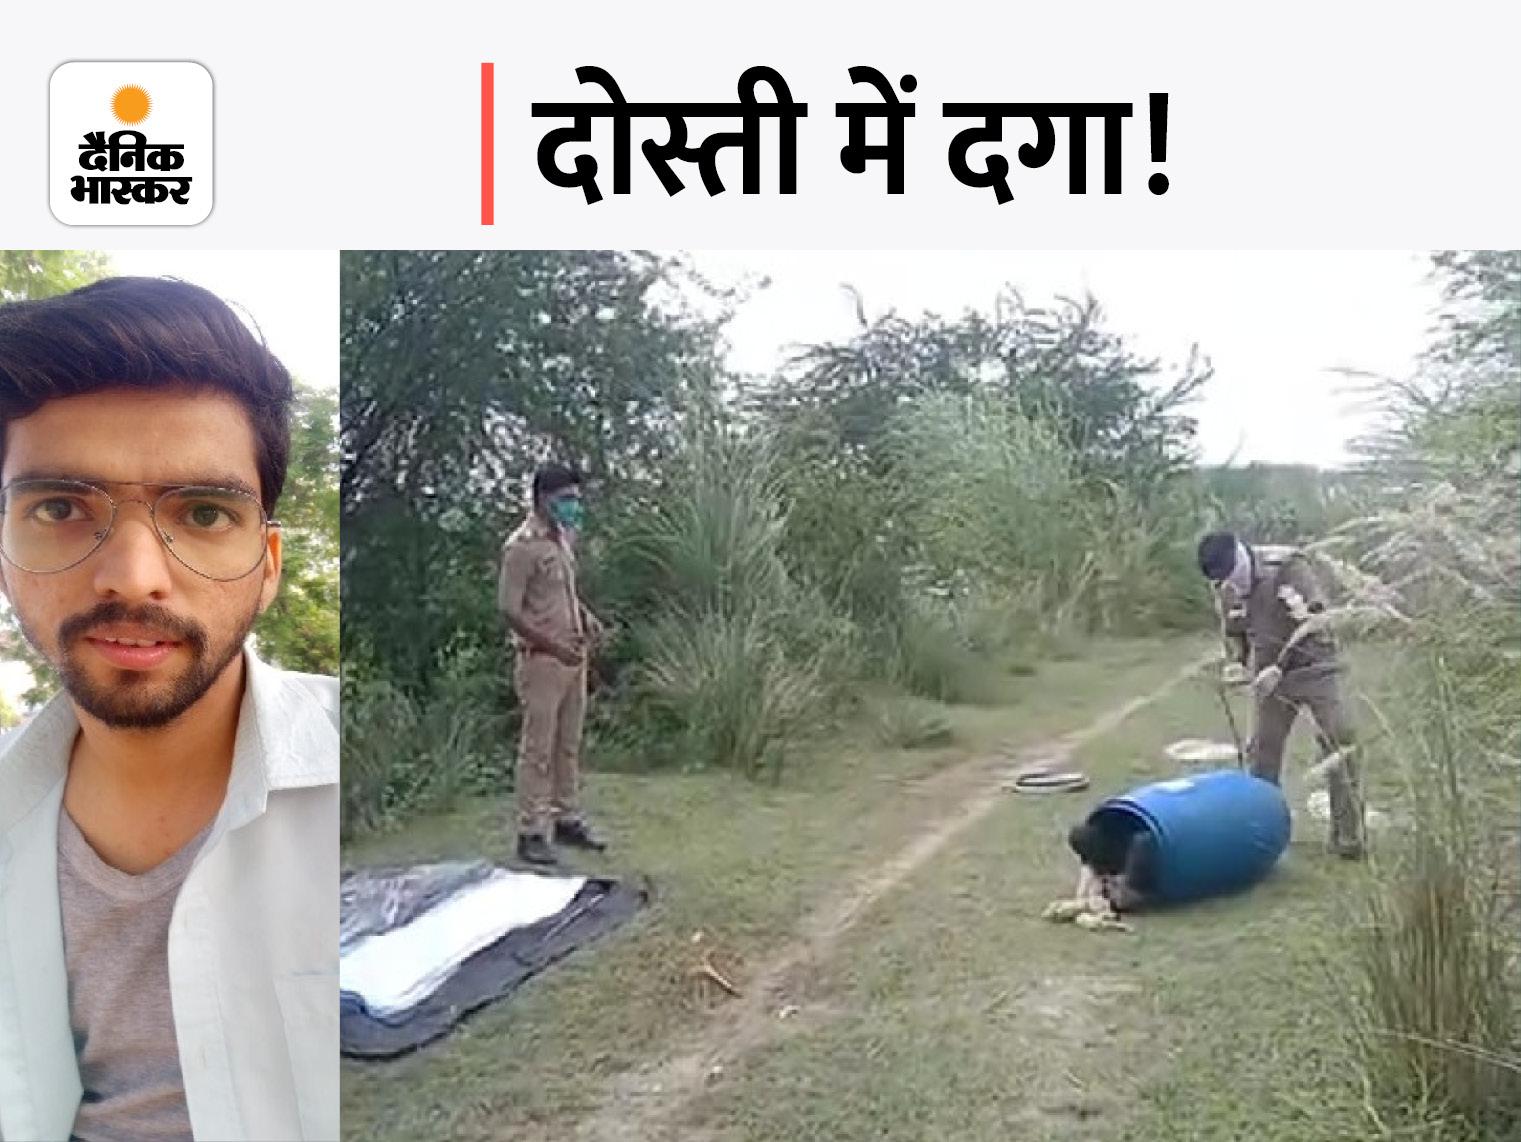 कानपुर के नौबस्ता से 4 दिन पहले हुआ था लापता, जांच के दायरे में 4 दोस्त और गर्लफ्रेंड; मां बोली- दवा लेने के लिए निकला था बेटा|कानपुर,Kanpur - Dainik Bhaskar